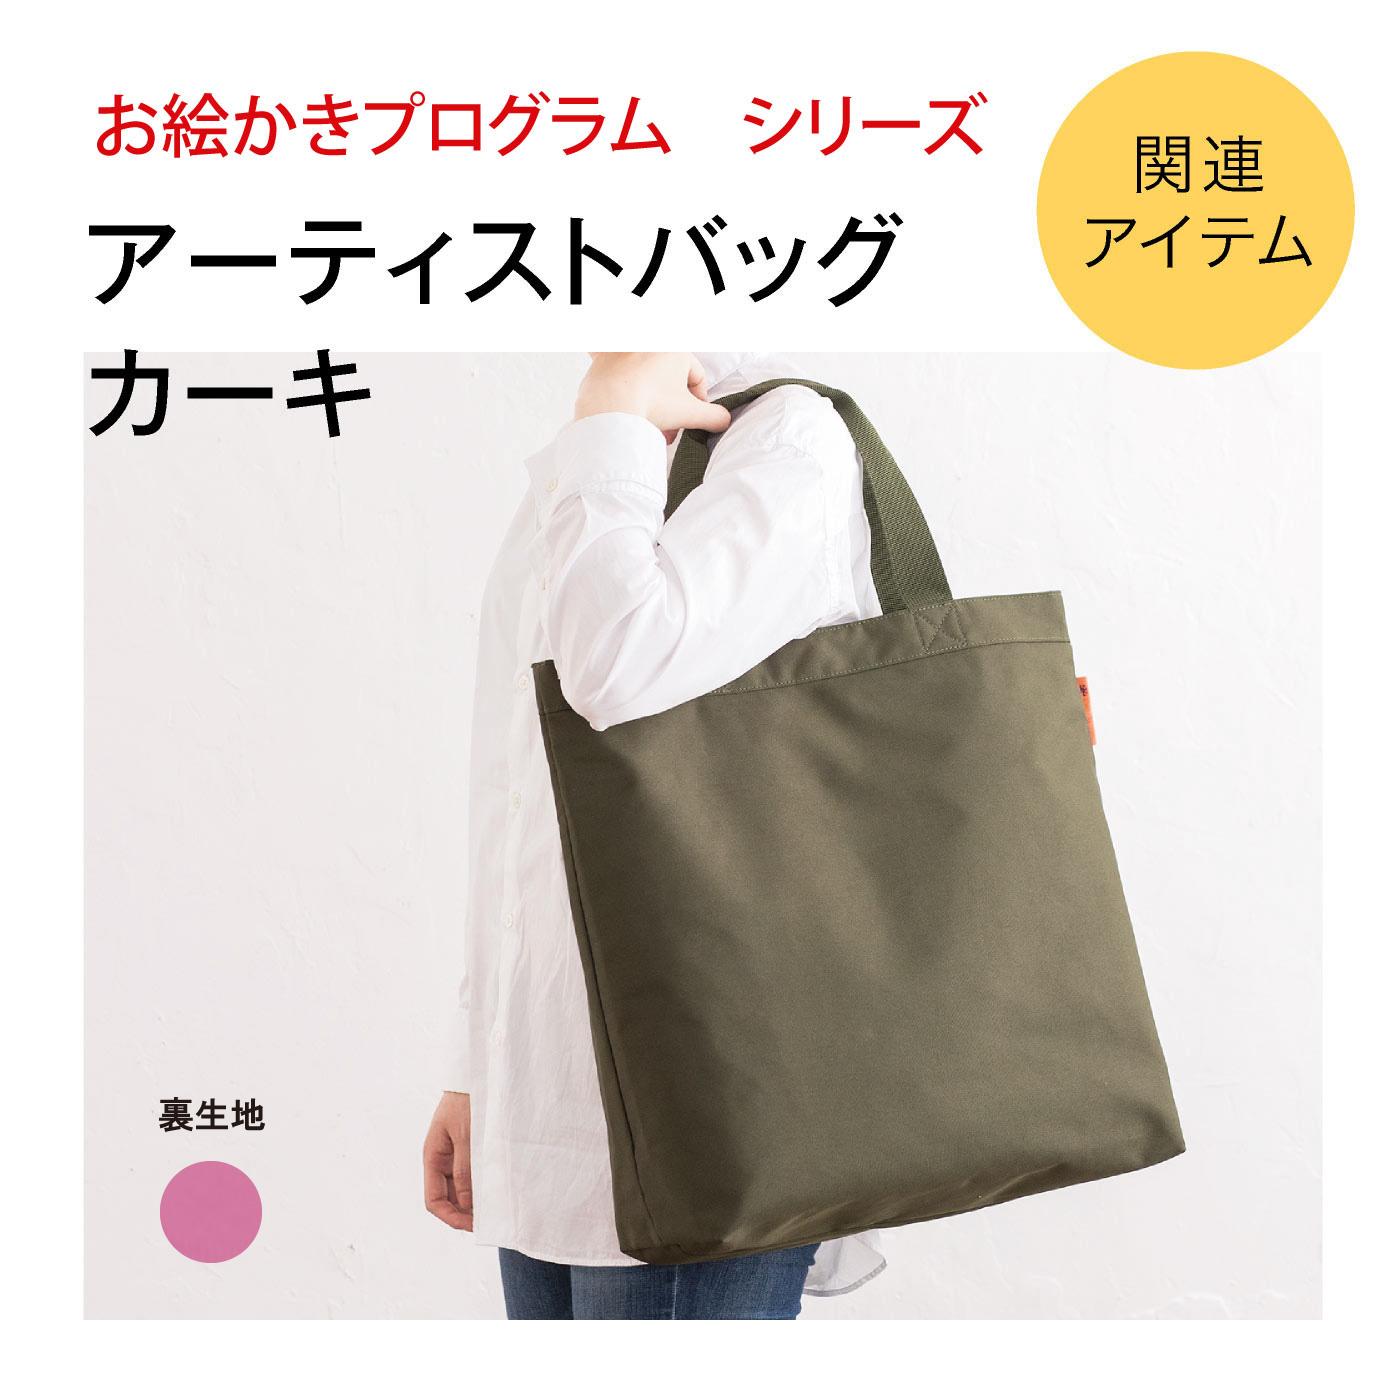 画材やスケッチブック(A3)の収納にぴったりの大きめバッグは、たっぷり入る大容量。ワークショップへの参加や、外でのスケッチにぴったりです。